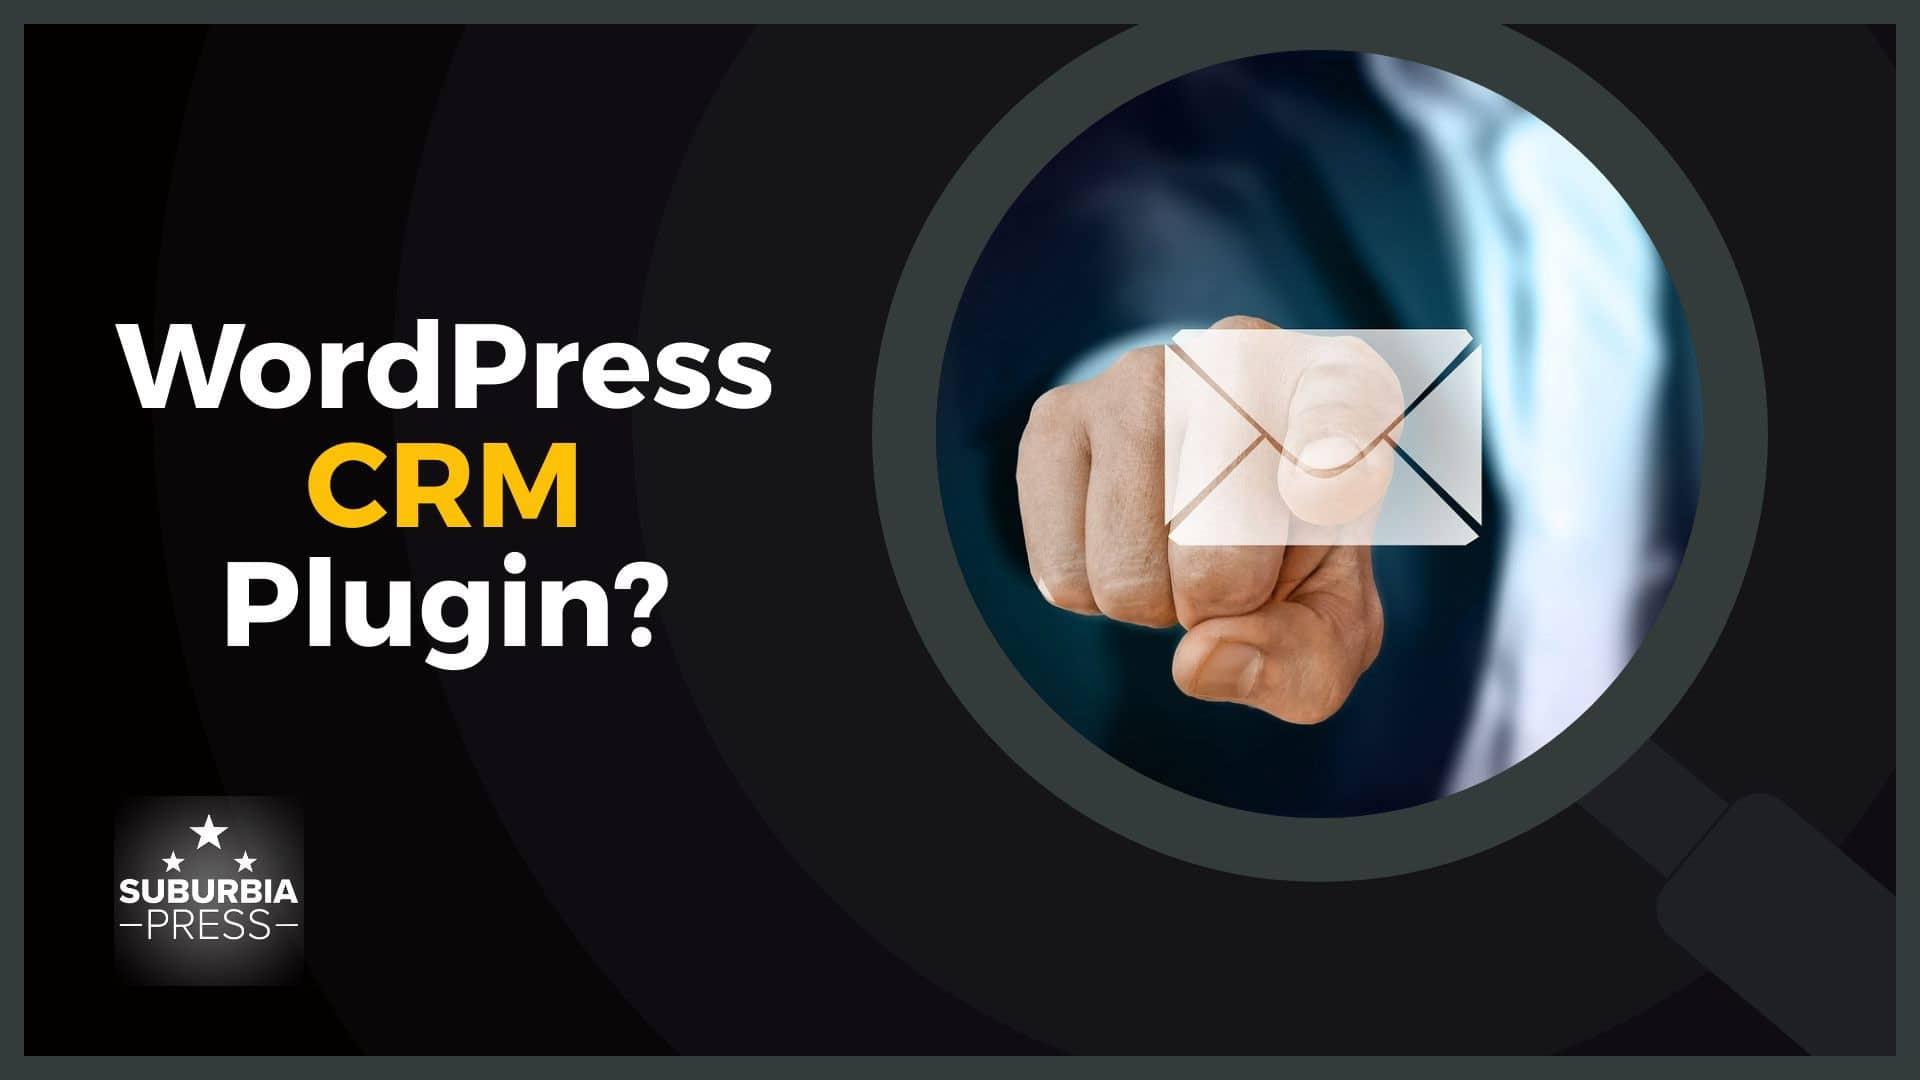 WordPress CRM Plugin